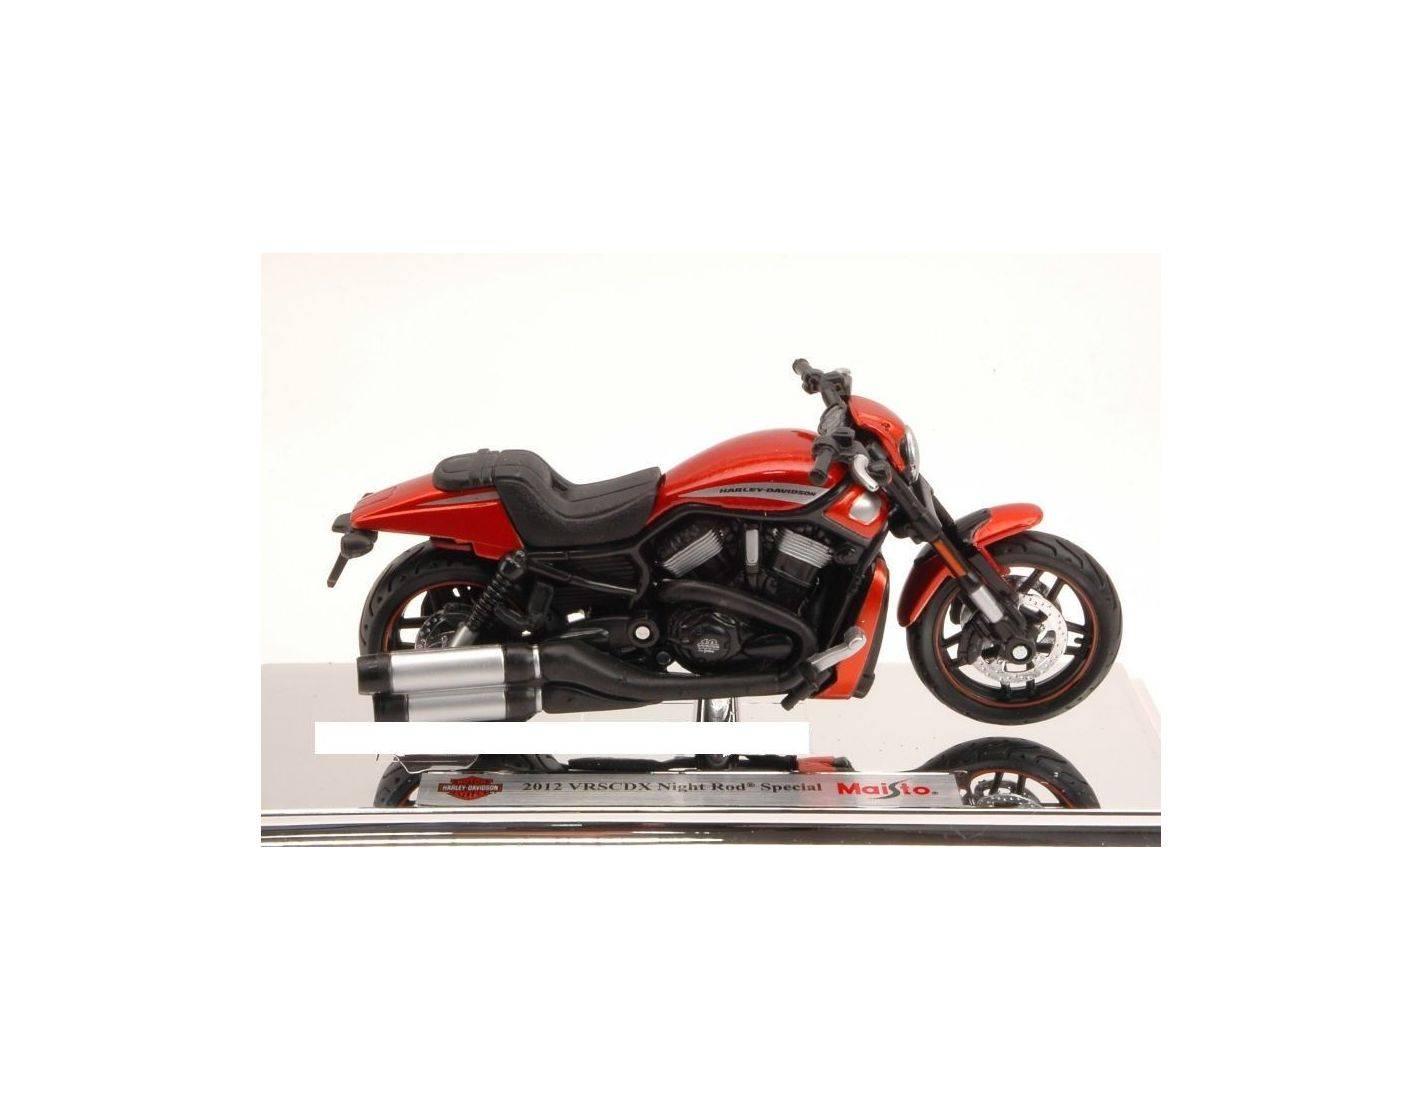 Maisto Harley Davidson 2012 Vrscdx Night Rod Special: Moto 1/18 Maisto MI14078 HARLEY DAVIDSON 2012 VRSCDX NIGHT